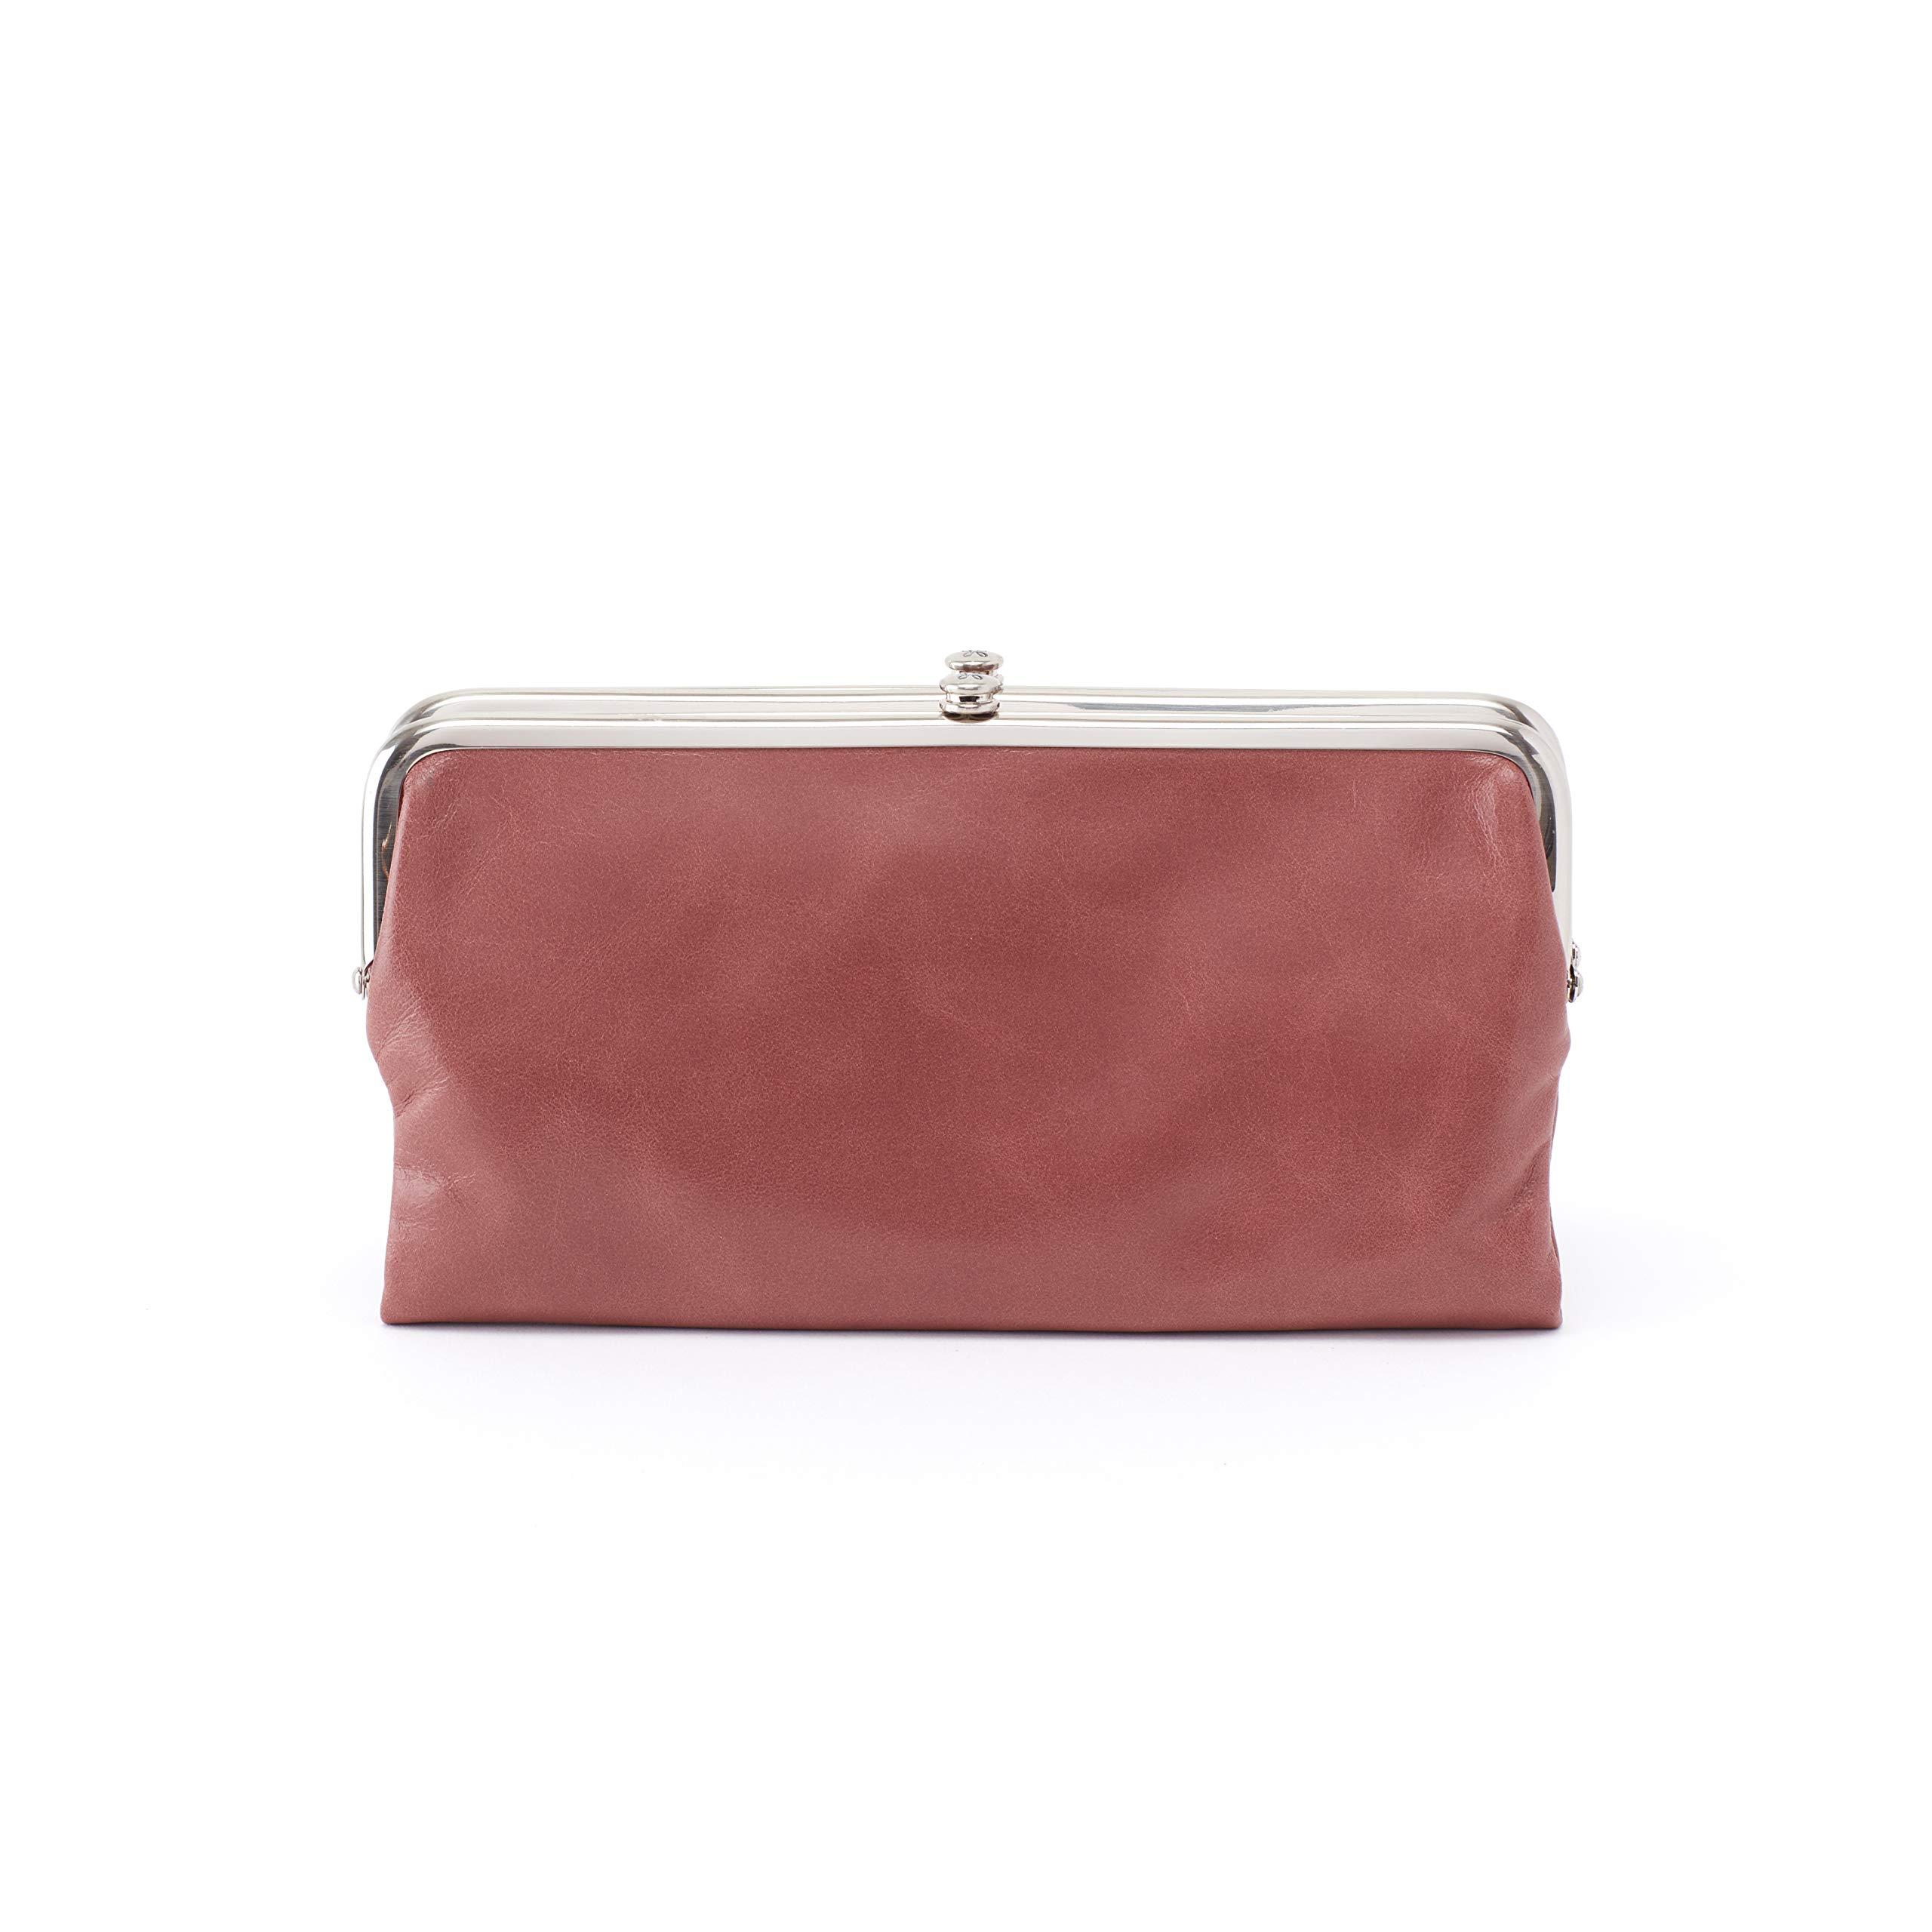 Hobo Womens Lauren Vintage Wallet Clutch Purse (Burnished Rose)